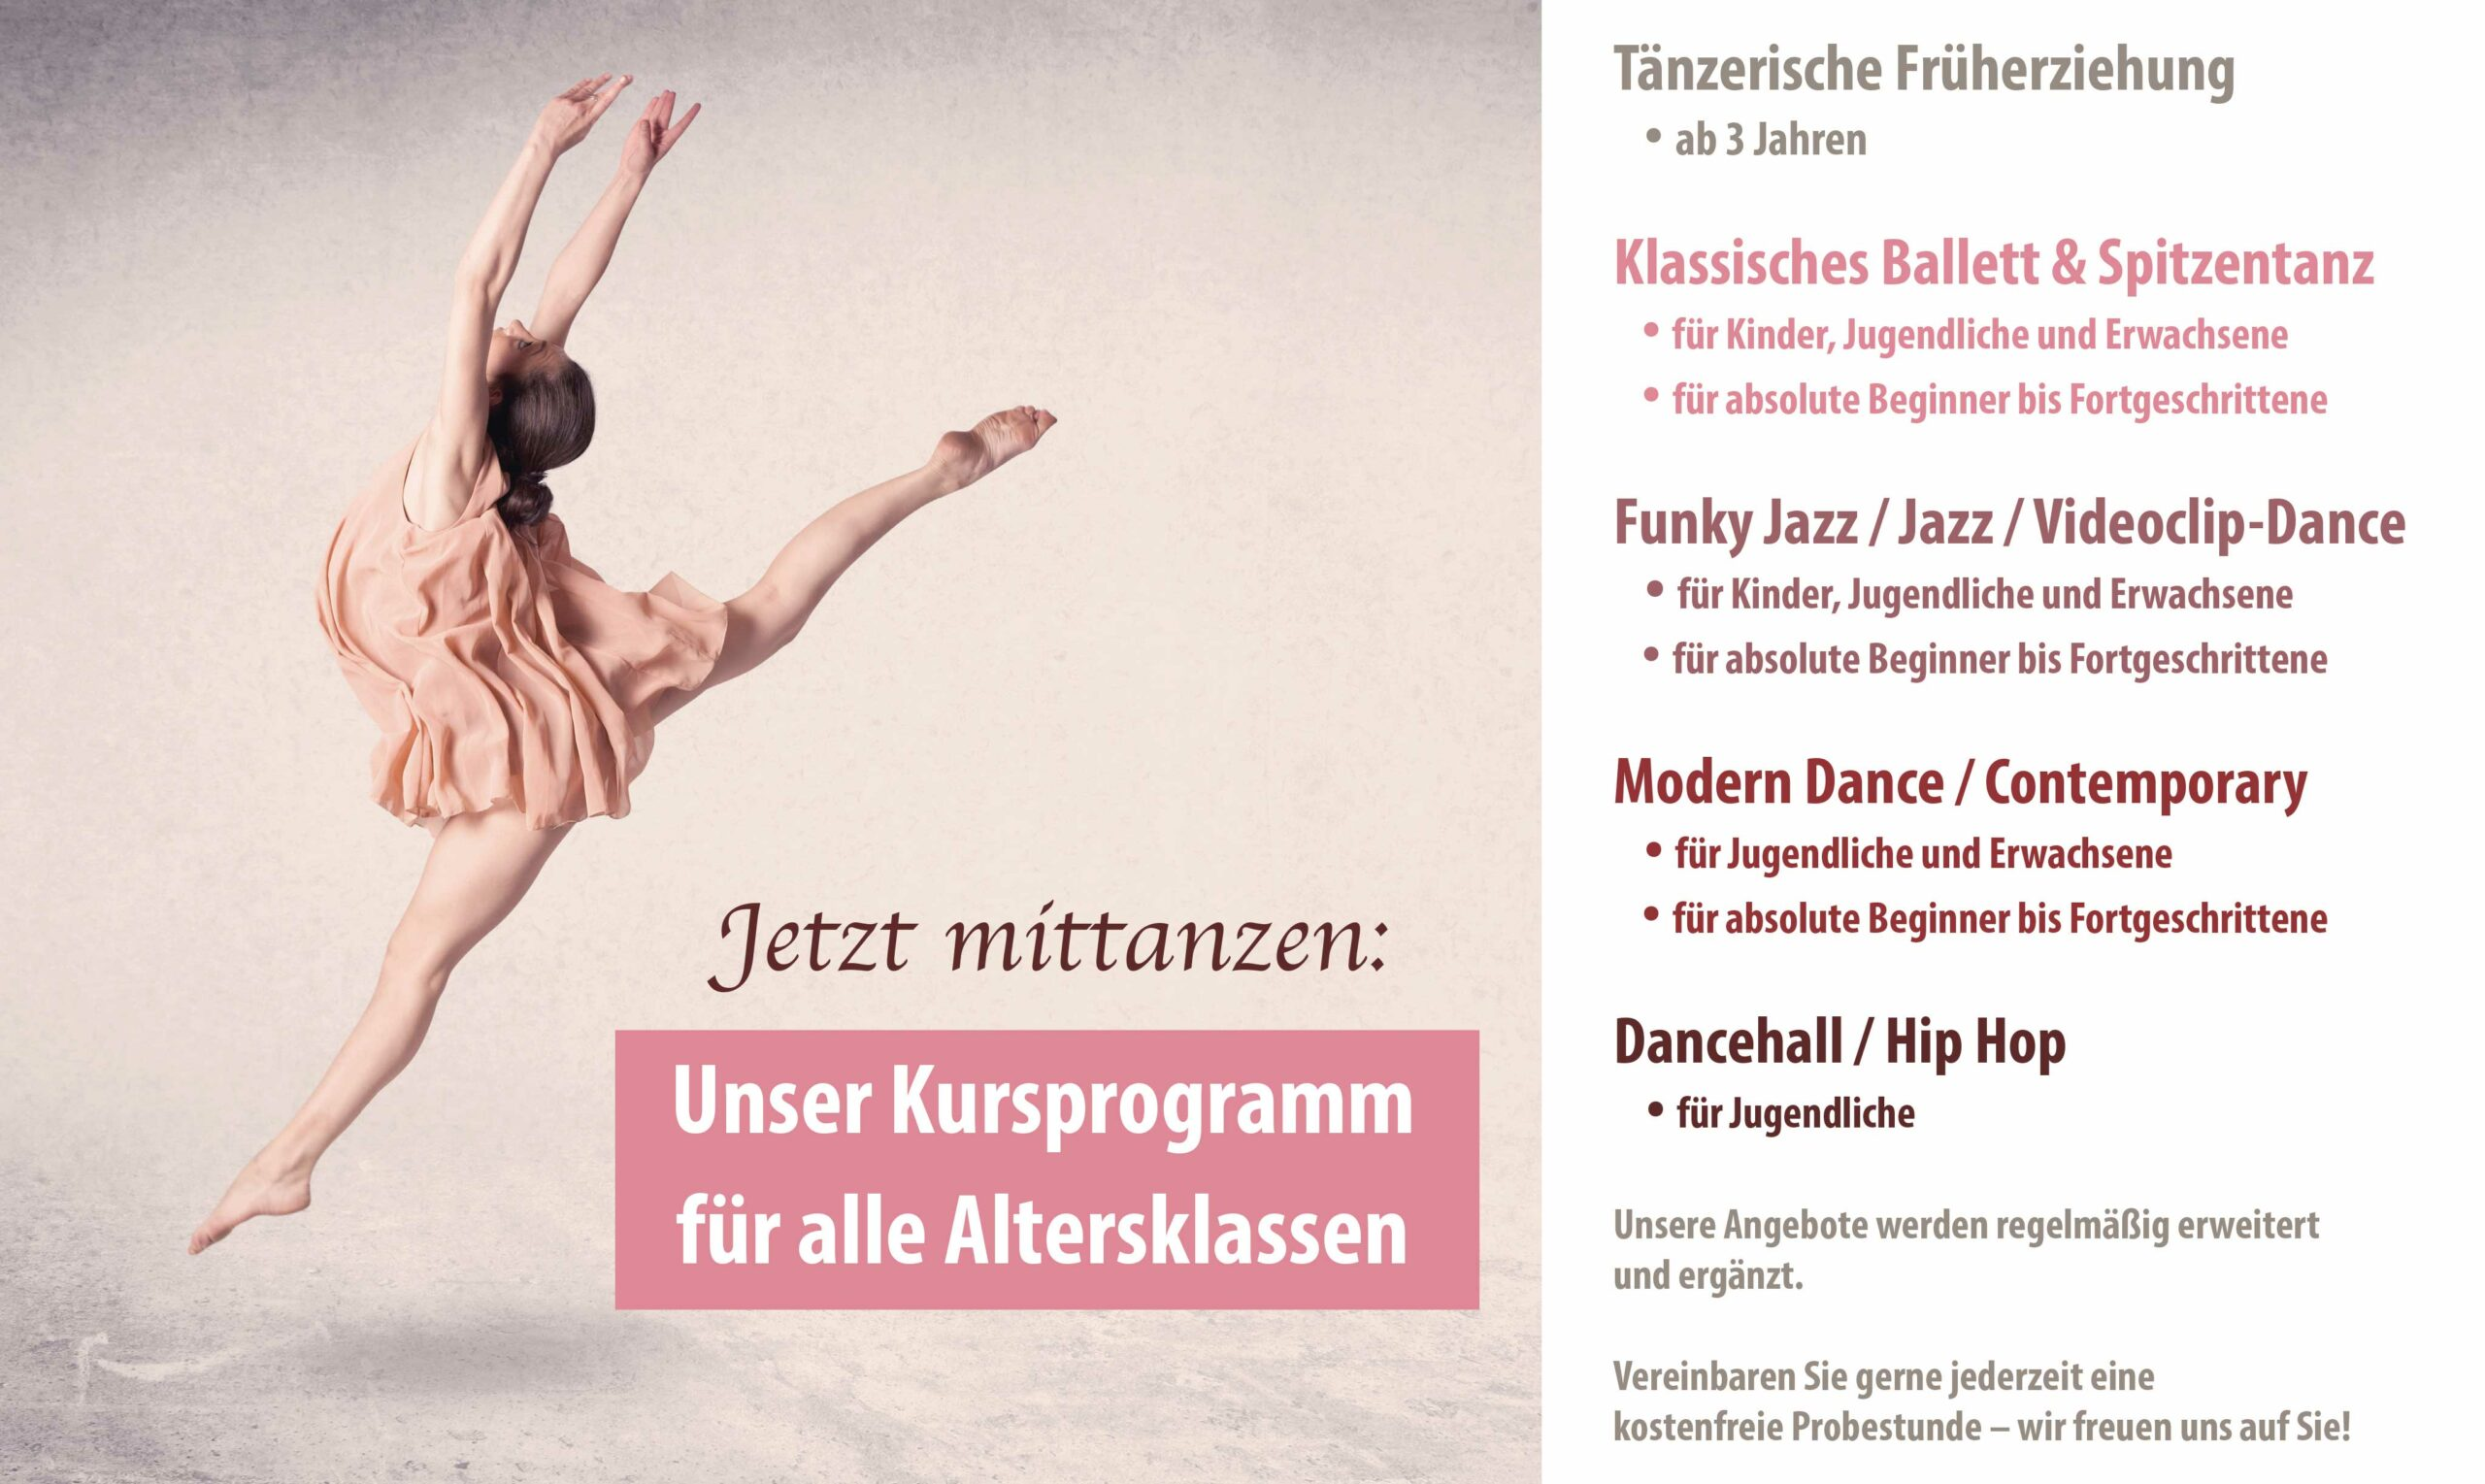 Unser Kursprogramm von Ballett bis Dancehall